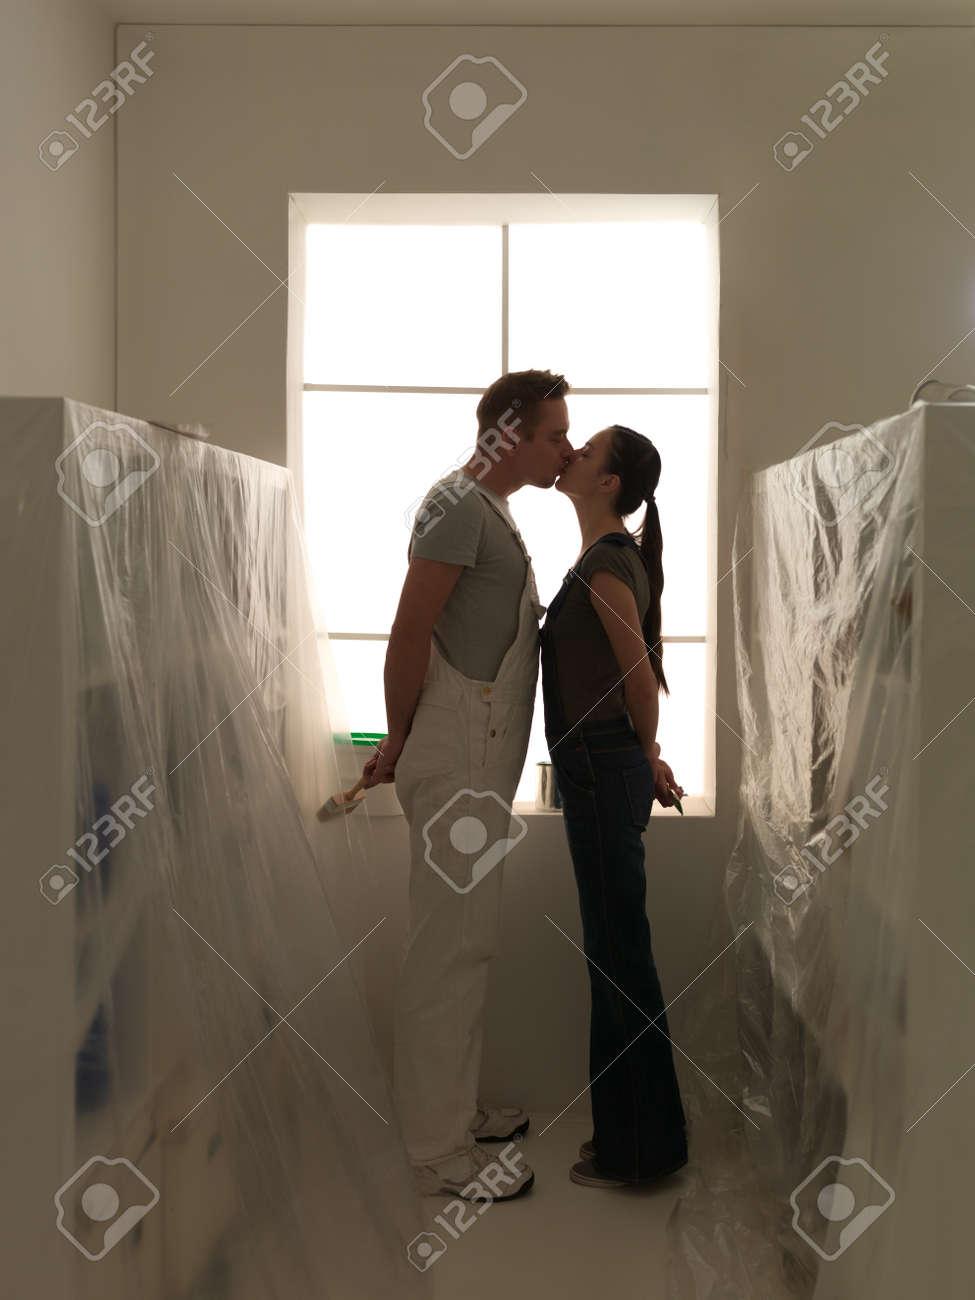 Gluckliches Paar In Ihrem Neuen Haus Kussen Fertig Diy Zu Renovieren